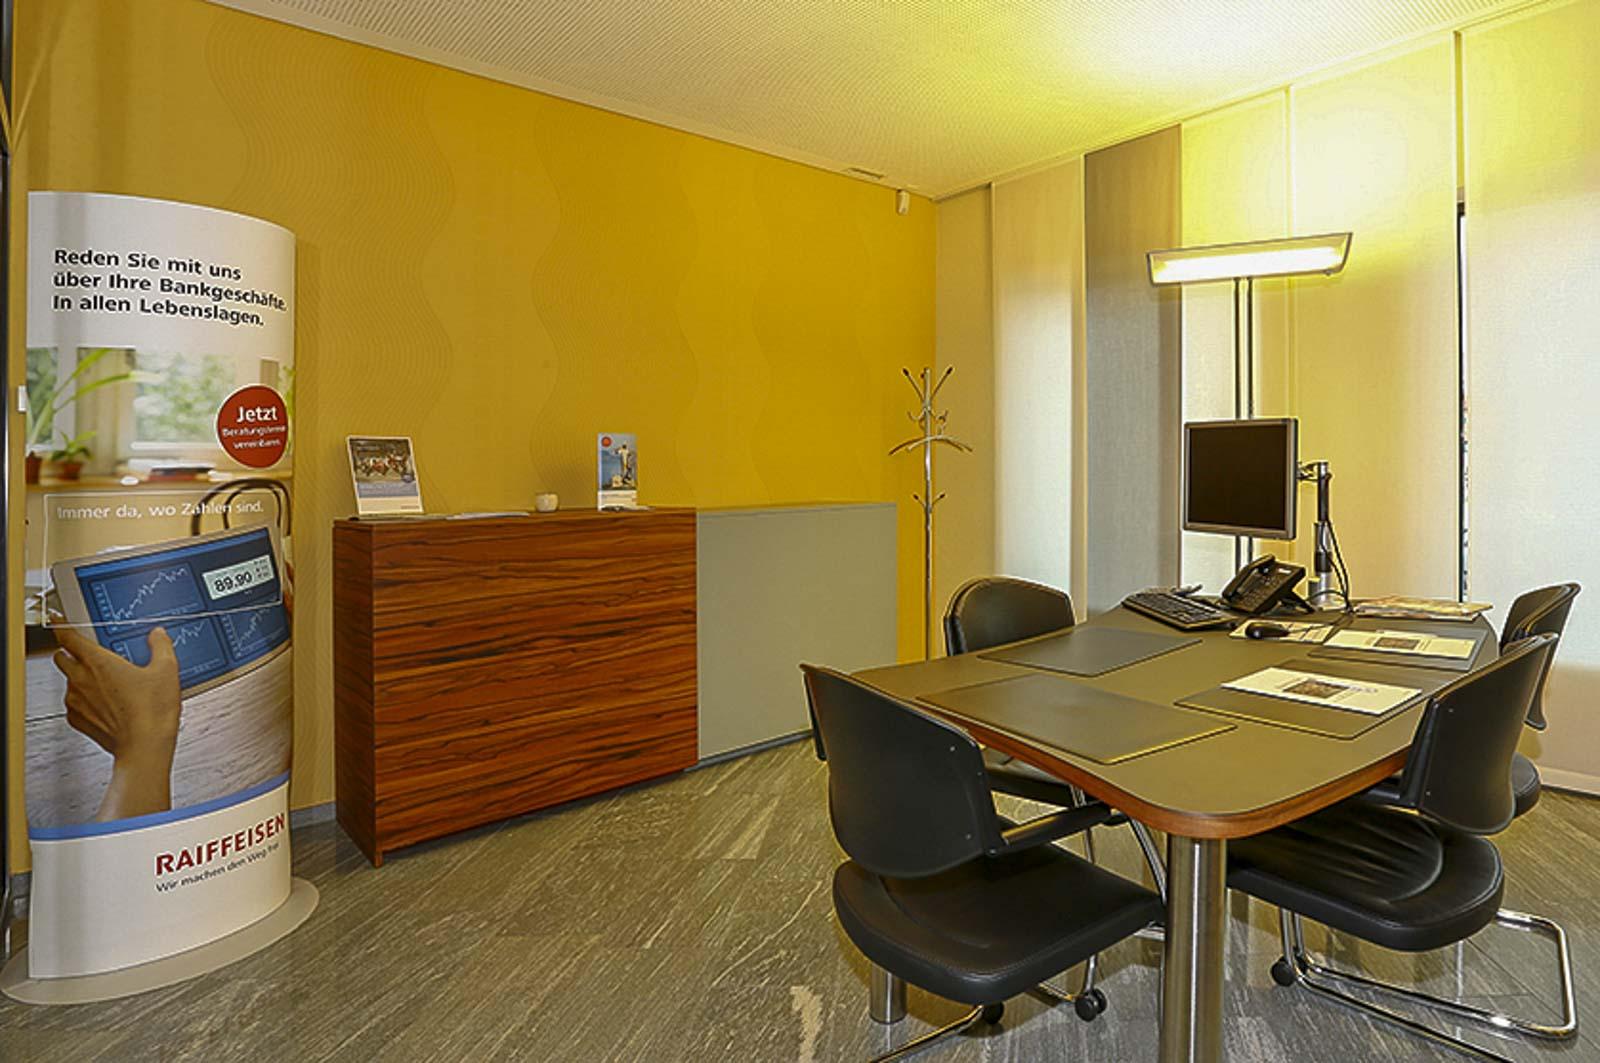 Wooddesign_öffentliche Bauten_Schalteranlage_Raiffeisen Giffers_Beraterbank_Beratungszimmer_Sideboard (2)